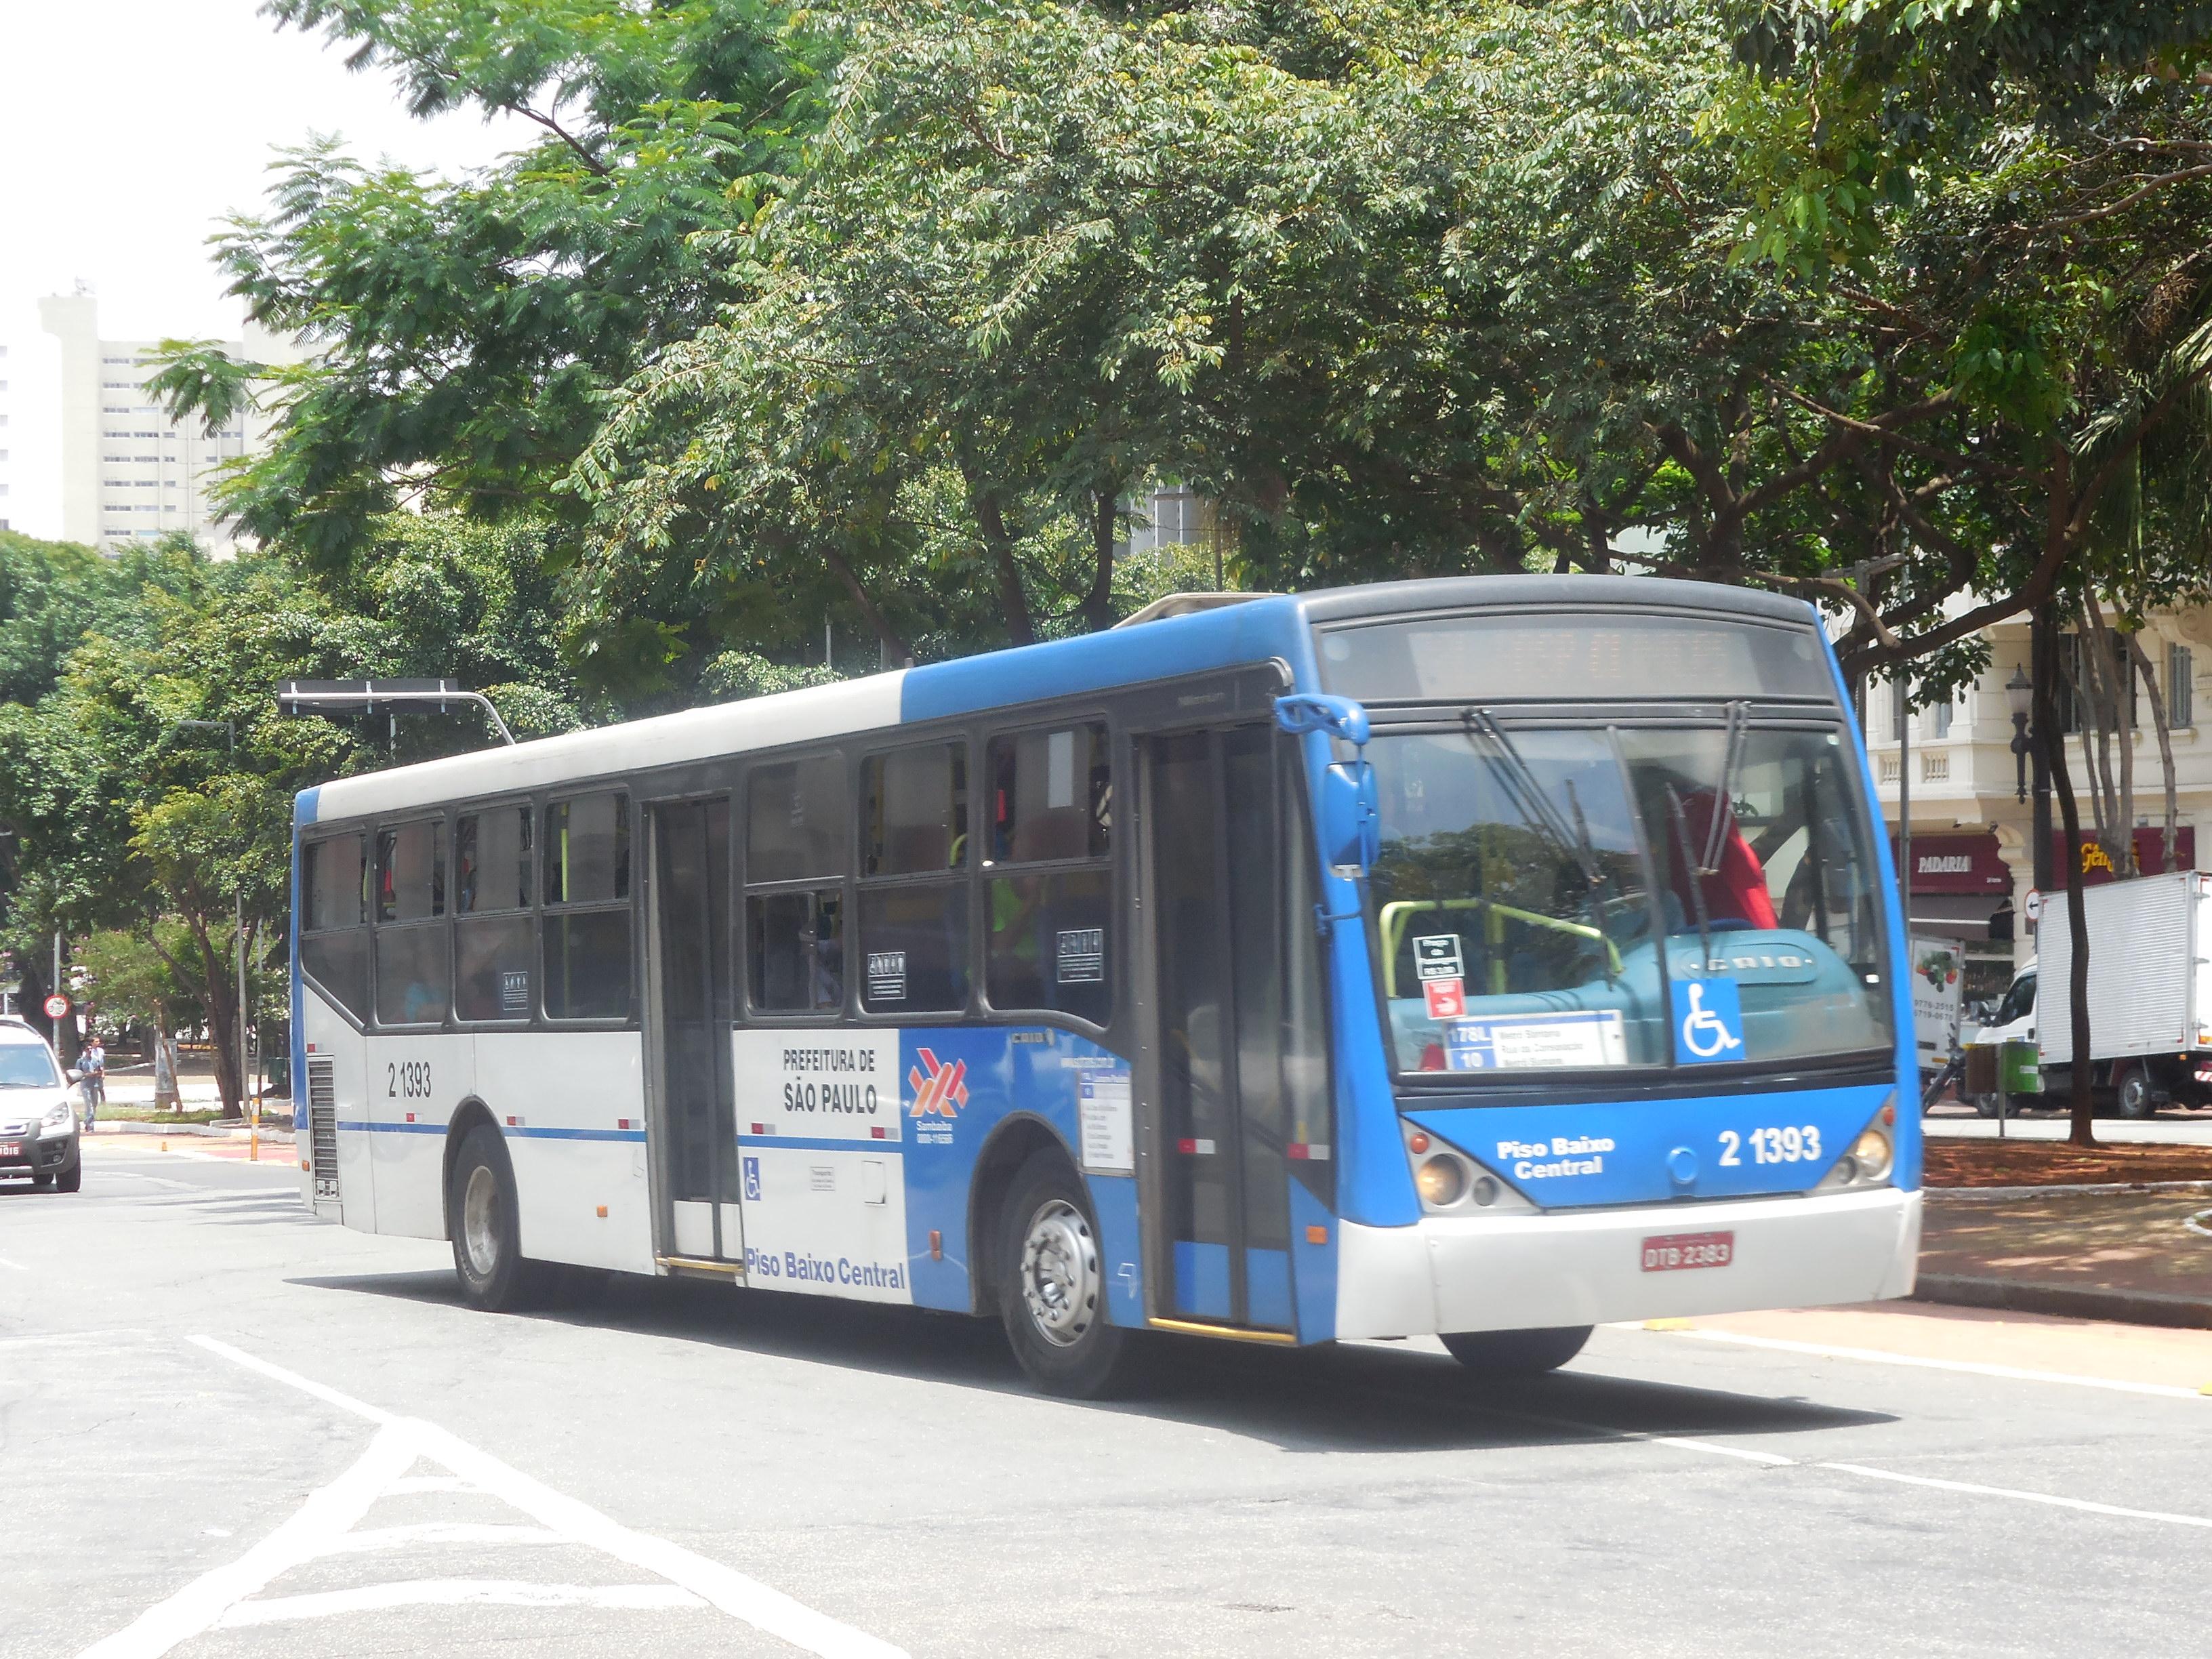 c668f38f72dc7 Ação de ex-empresário de ônibus de São Paulo barra abertura de envelopes da  licitação dos transportes da cidade